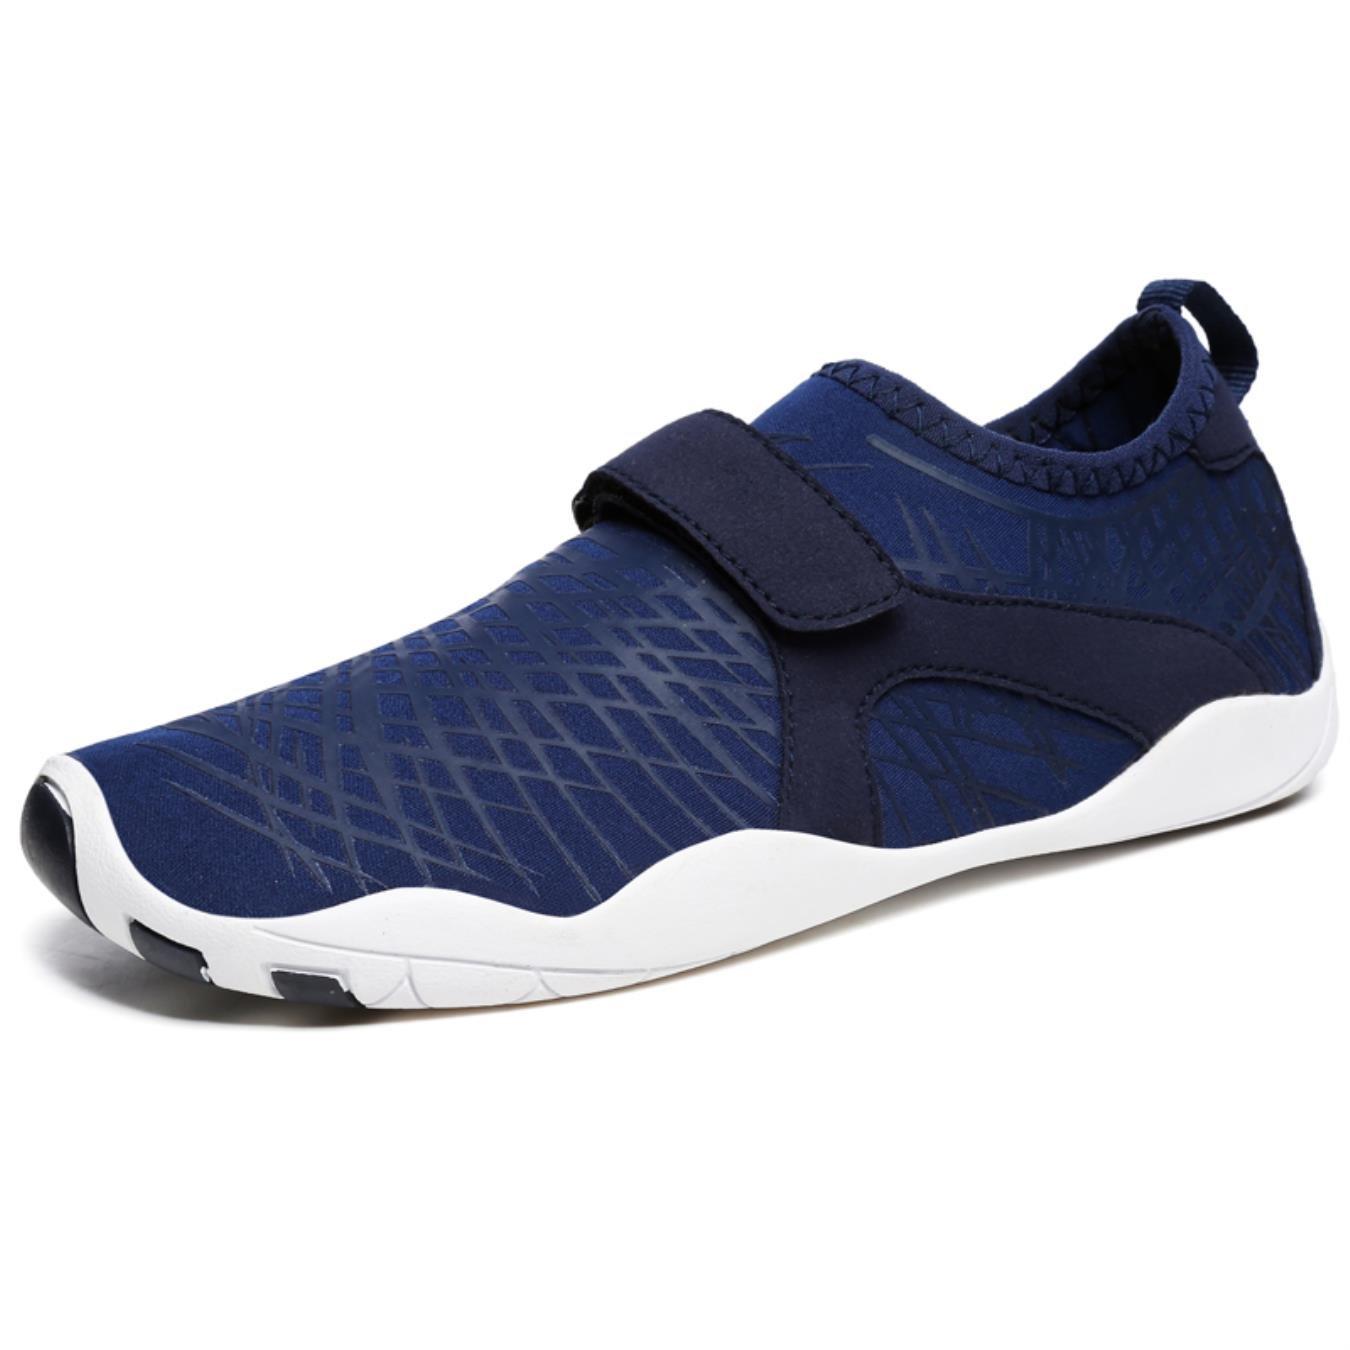 Water Shoes Men Women Quick Drying Black Shoes for Swimming Walking Seaside Outdoor Surfing Beach Yoga Shoe